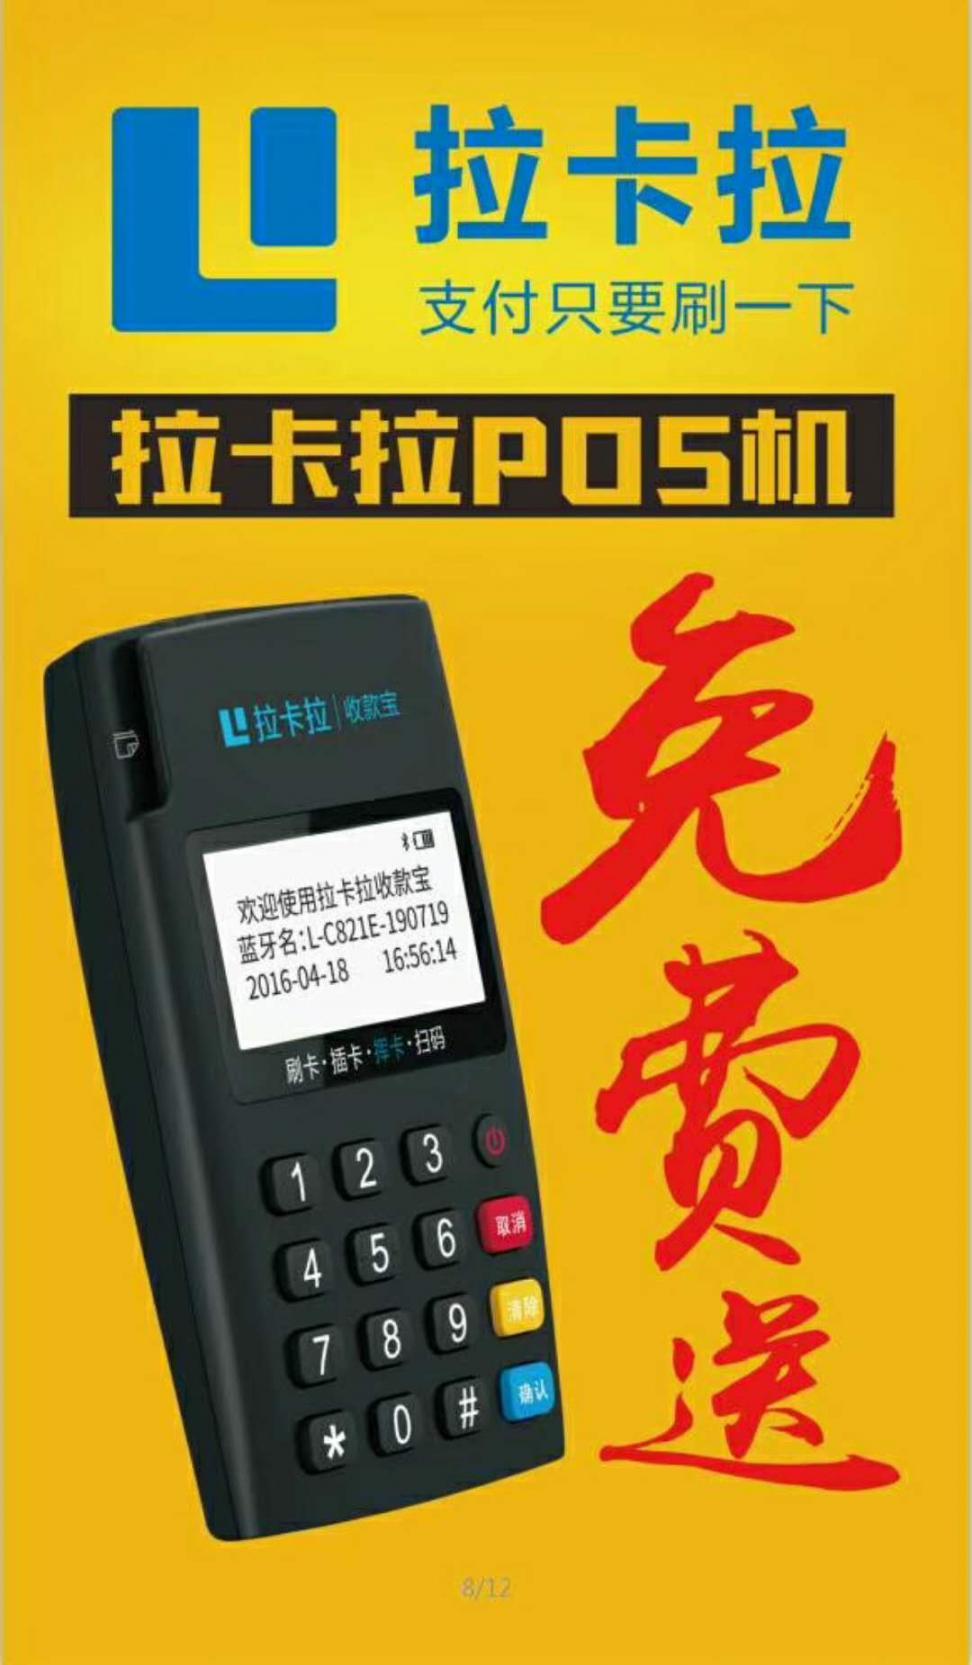 3、龙萨拉卡拉POS机办理:如何申请拉卡拉POS机